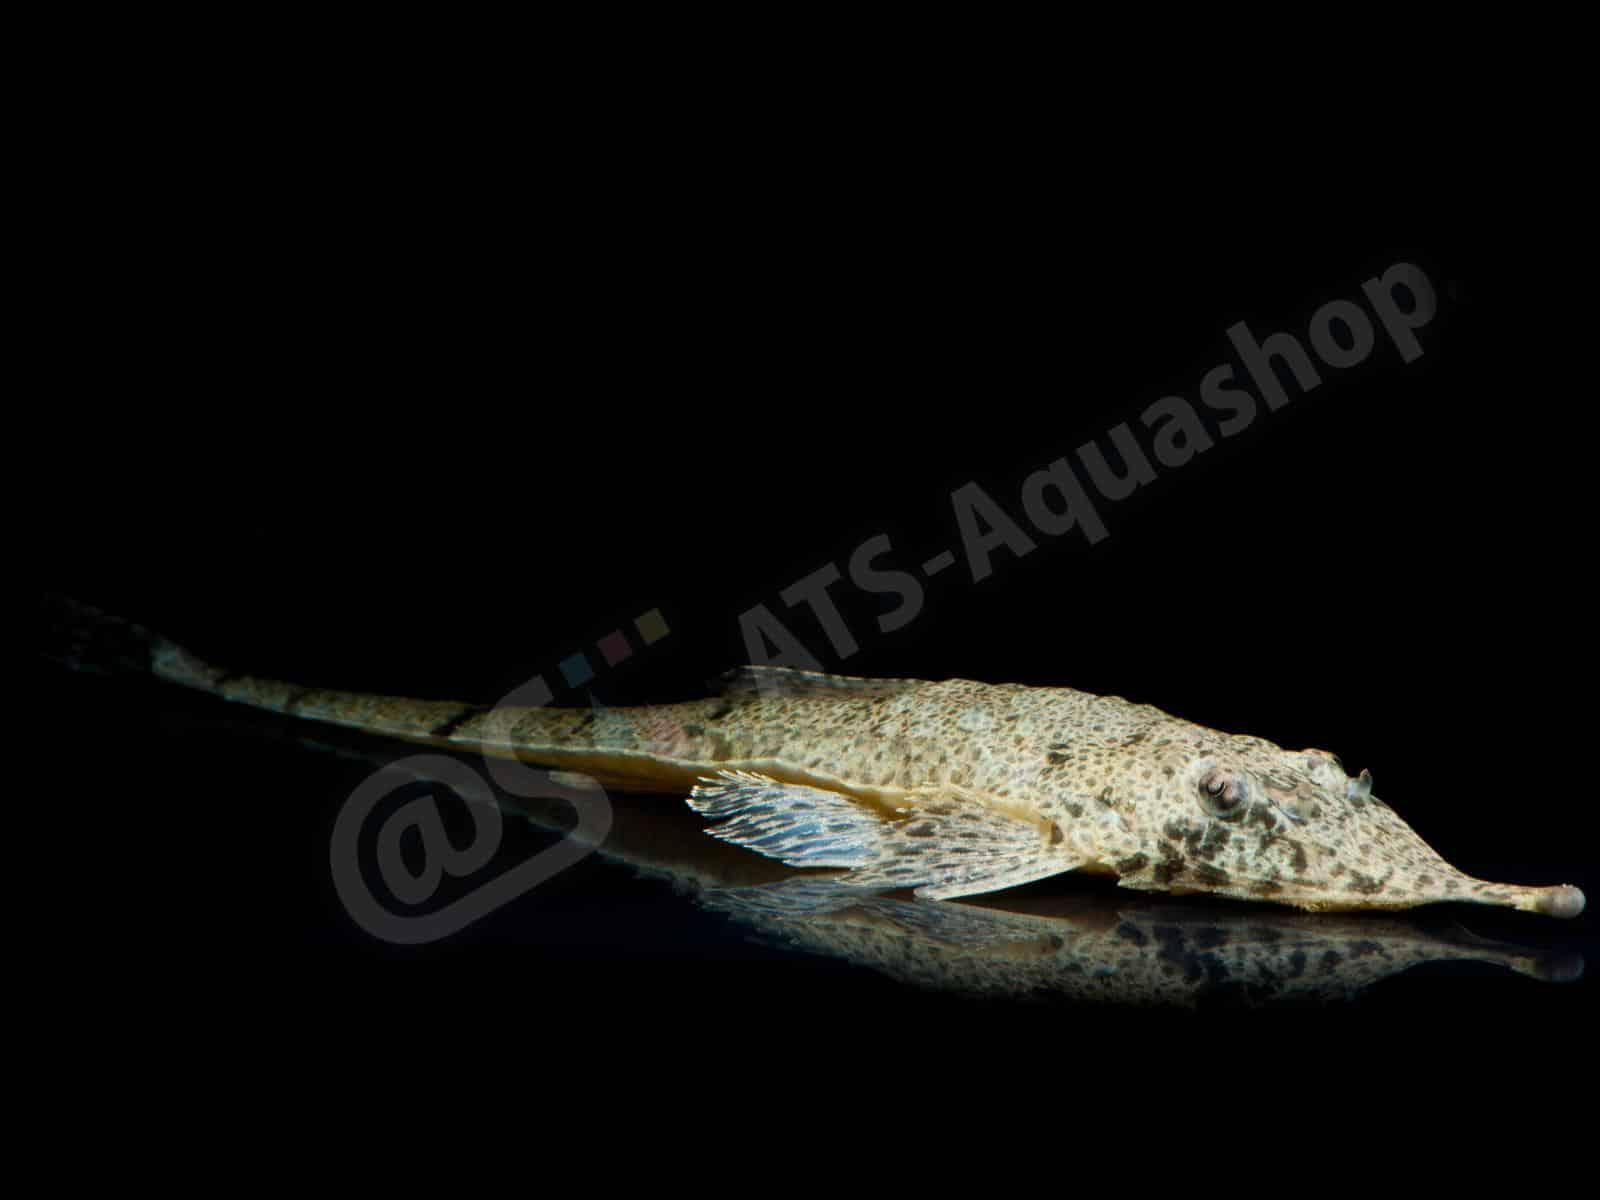 hemiodontichthys acipenserinus enrico richter 0298 7